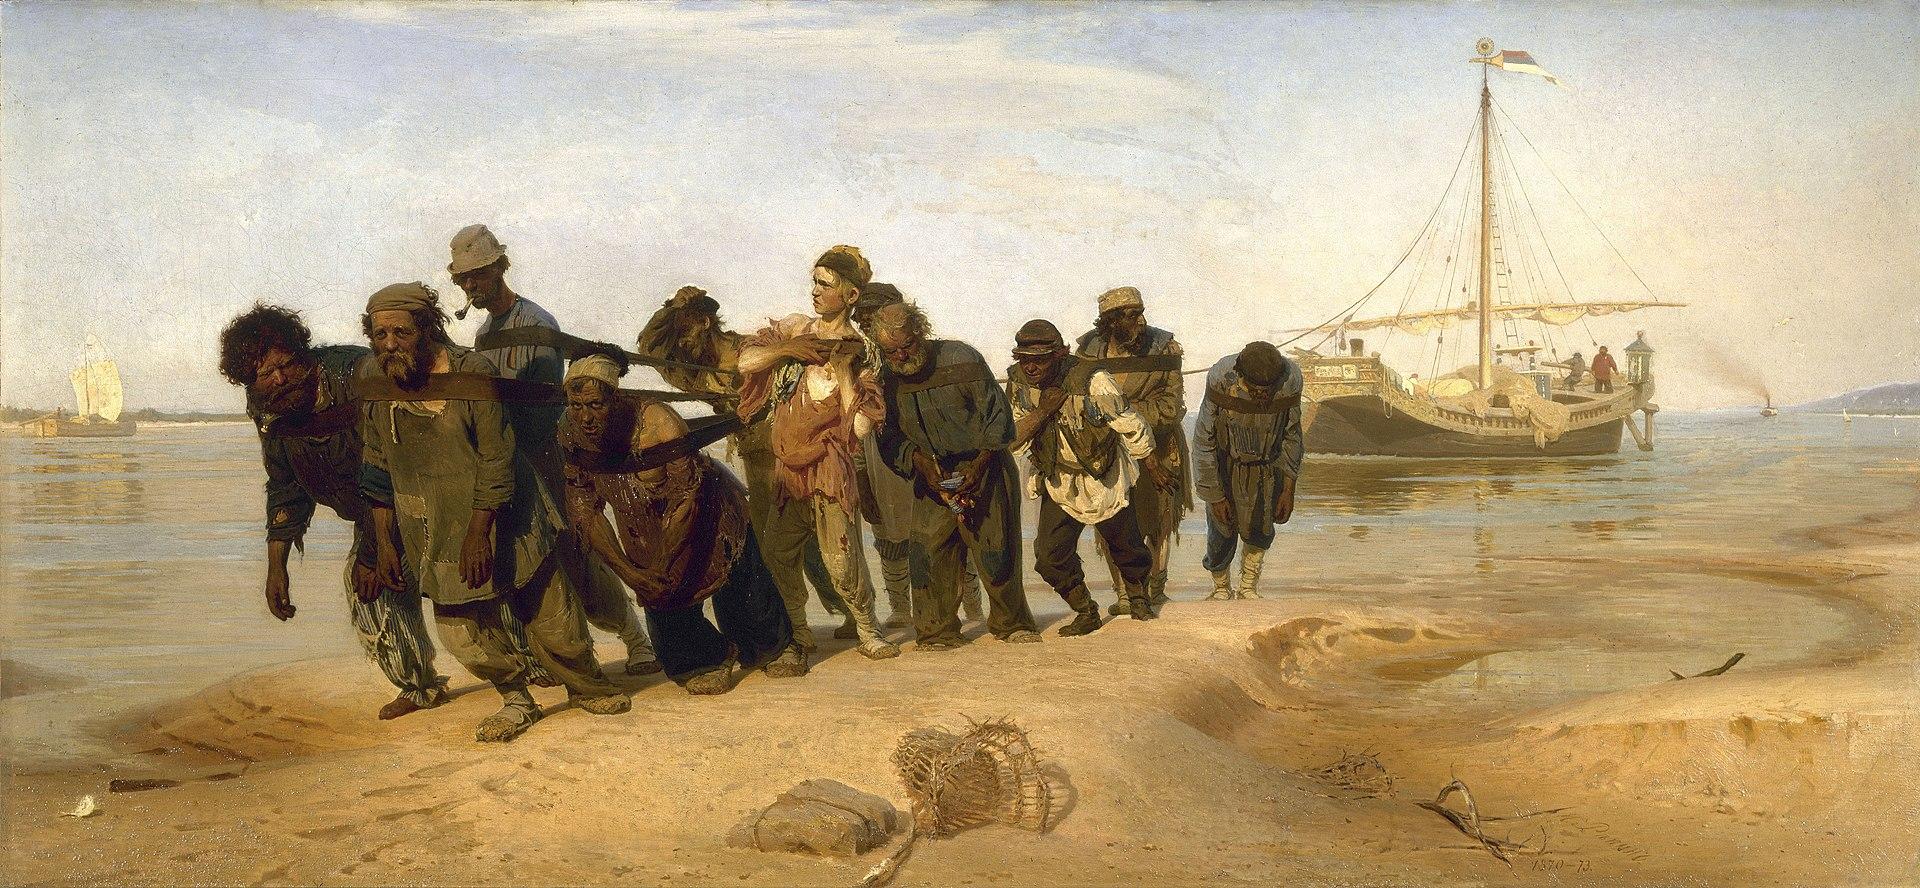 Repin's Volga Boatmen